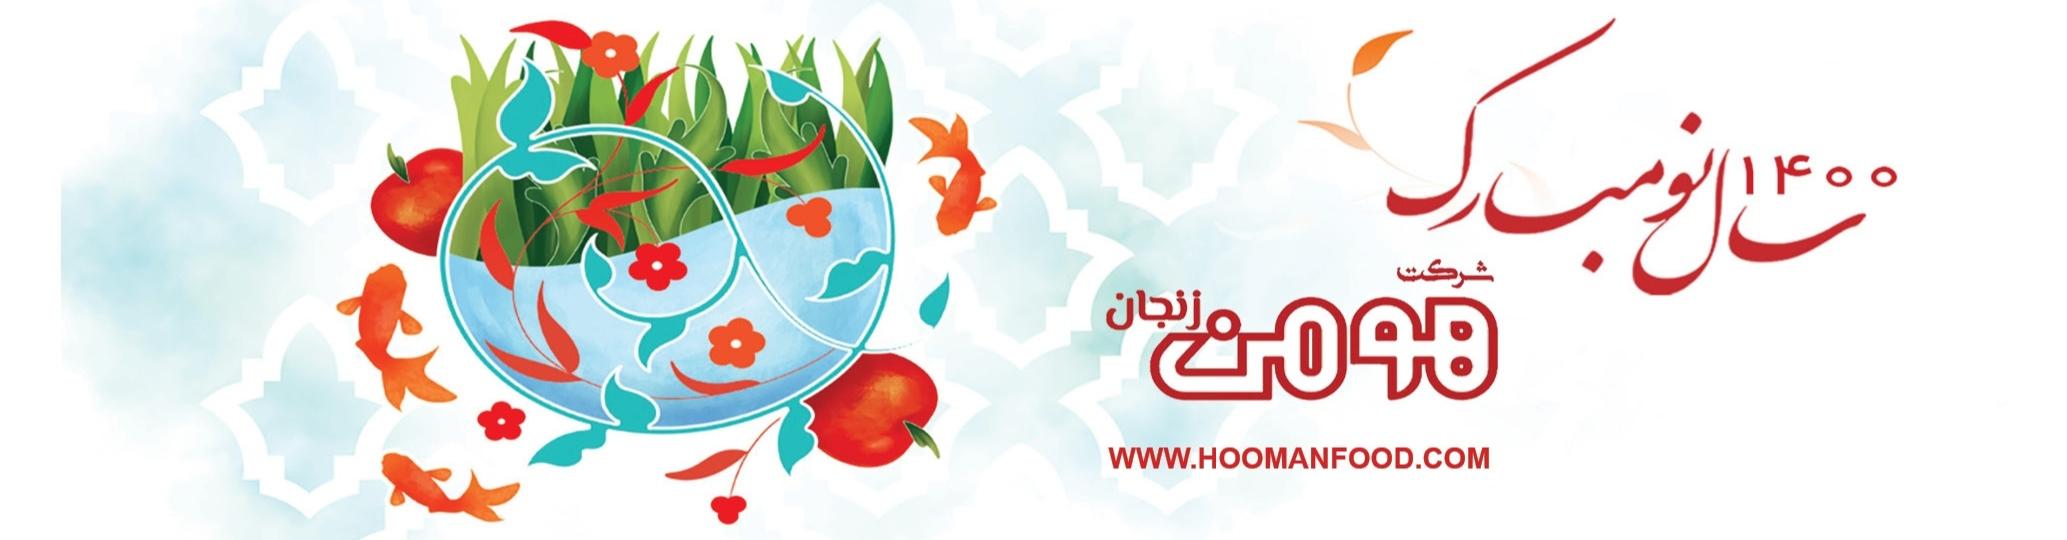 تبریک نوروزی شرکت هومن زنجان